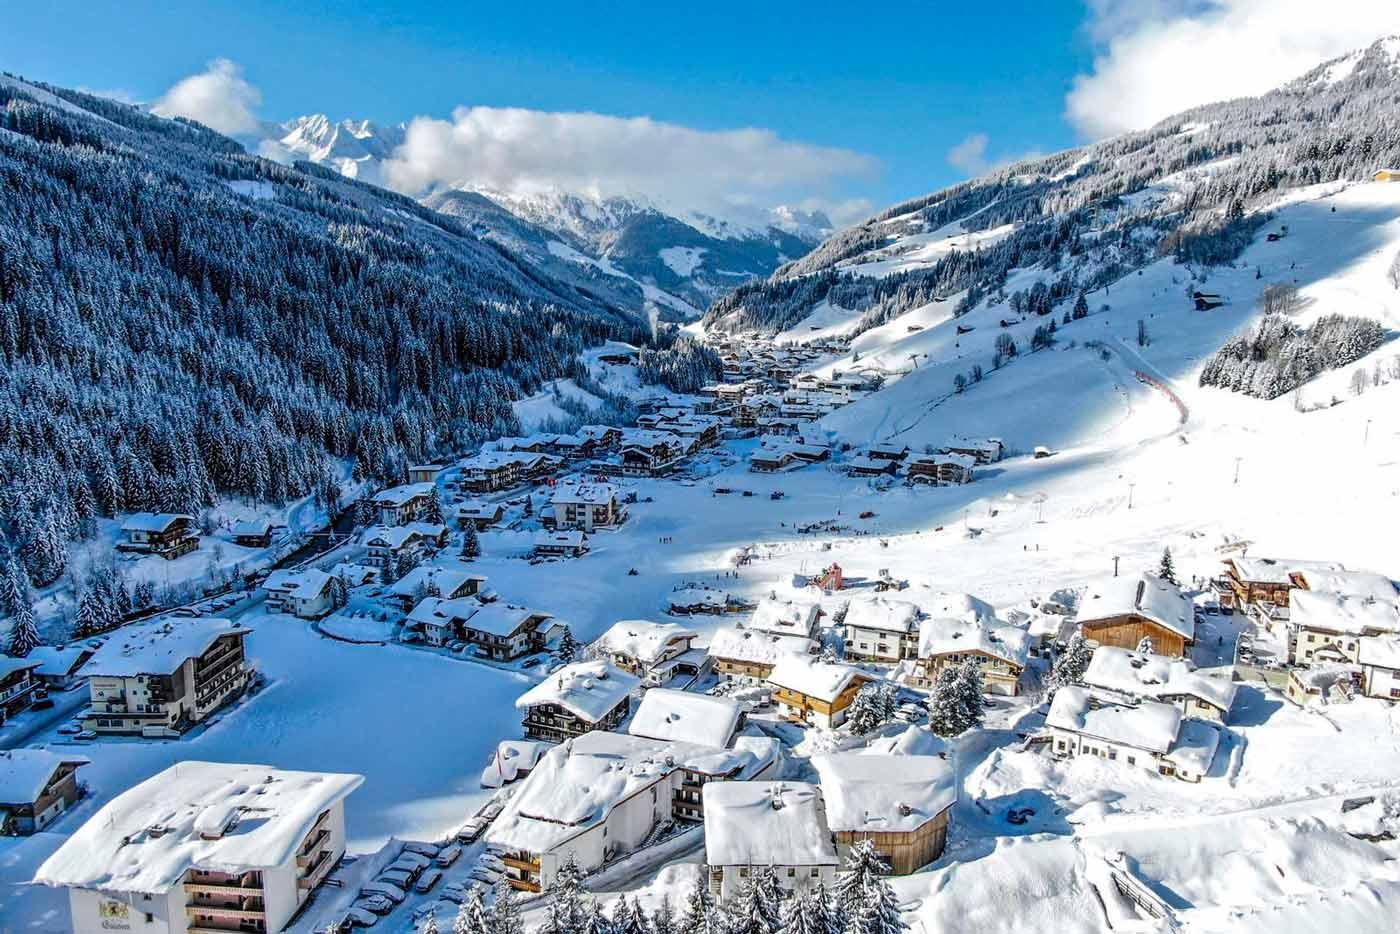 Gerlos dorp in de Zillertal Arena met verse sneeuw